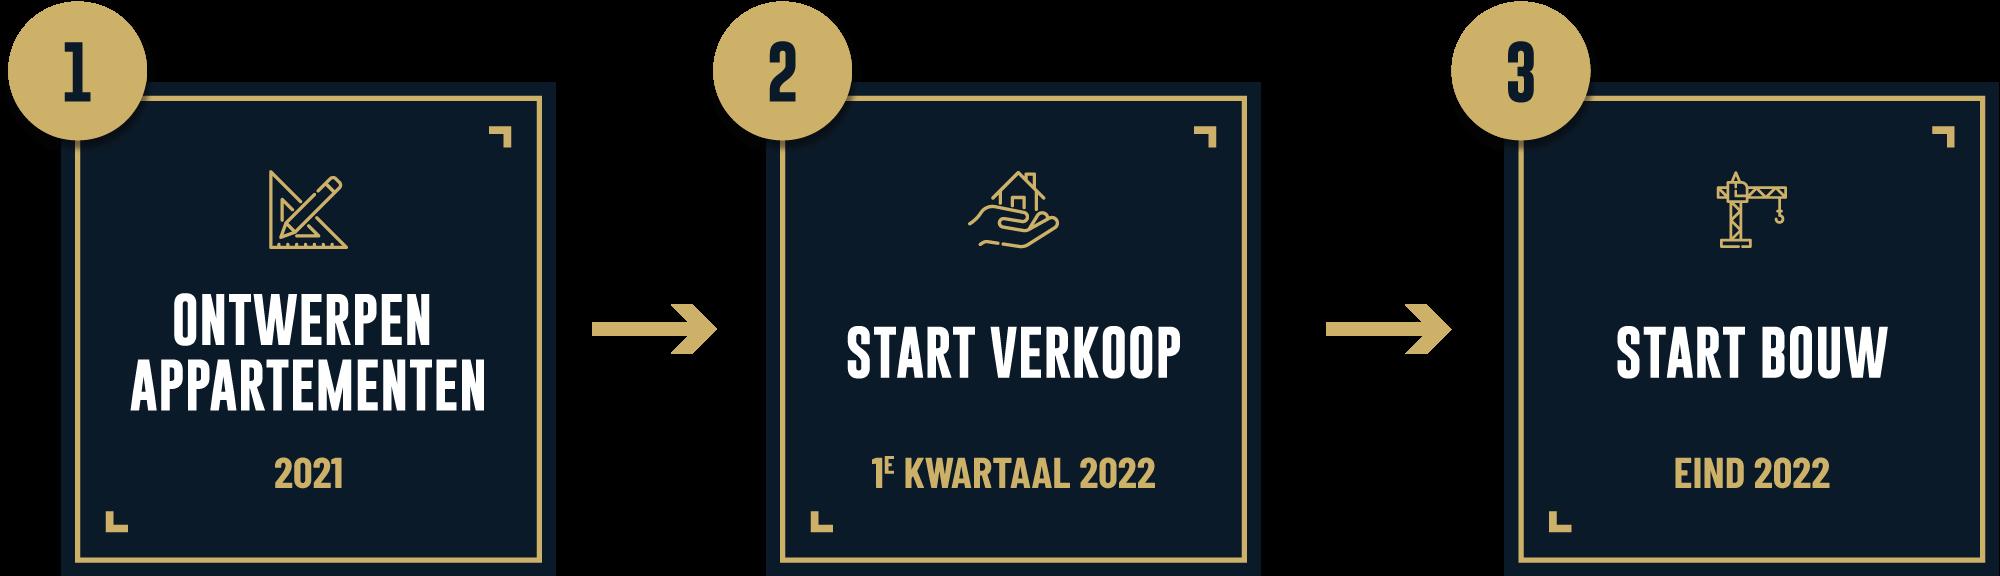 De_Hoogschout_Planning_Bouw_1